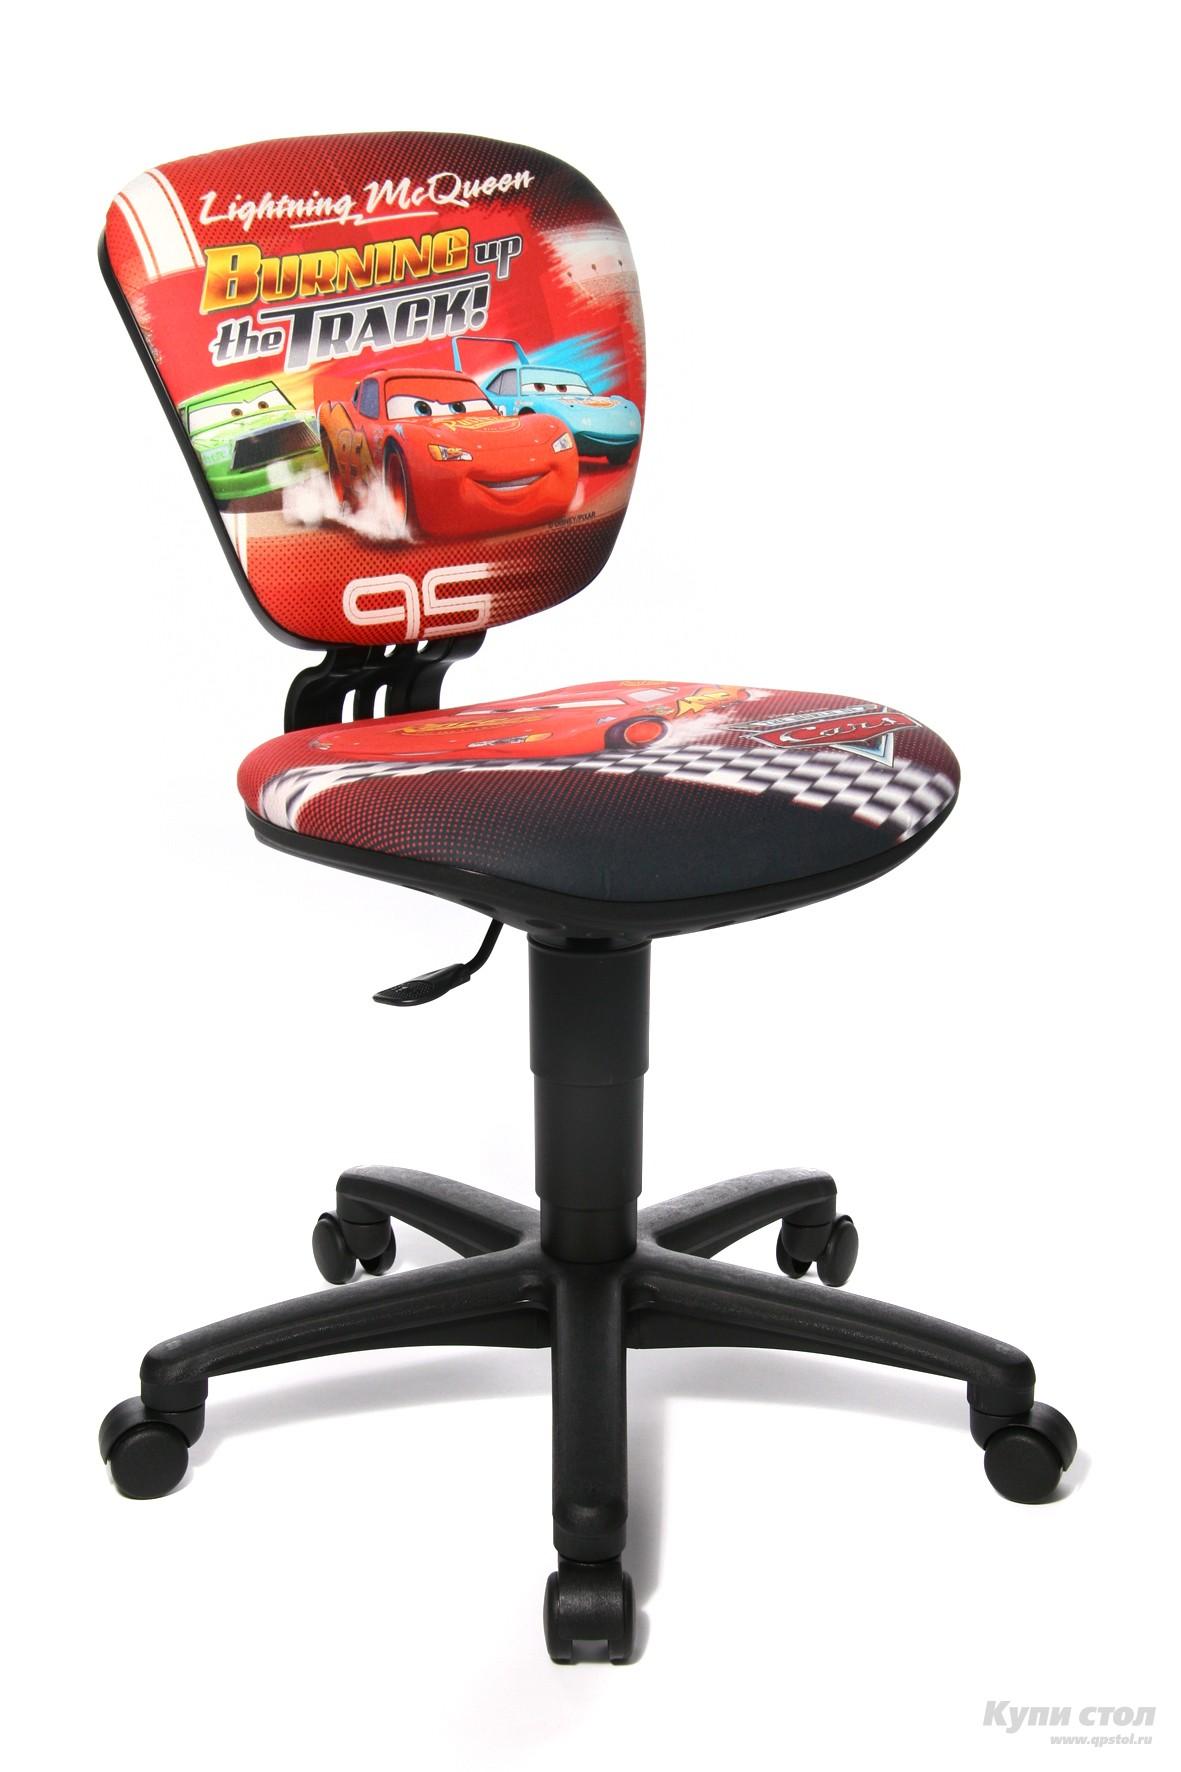 Компьютерное кресло HIGH POWER 6920 КупиСтол.Ru 9010.000